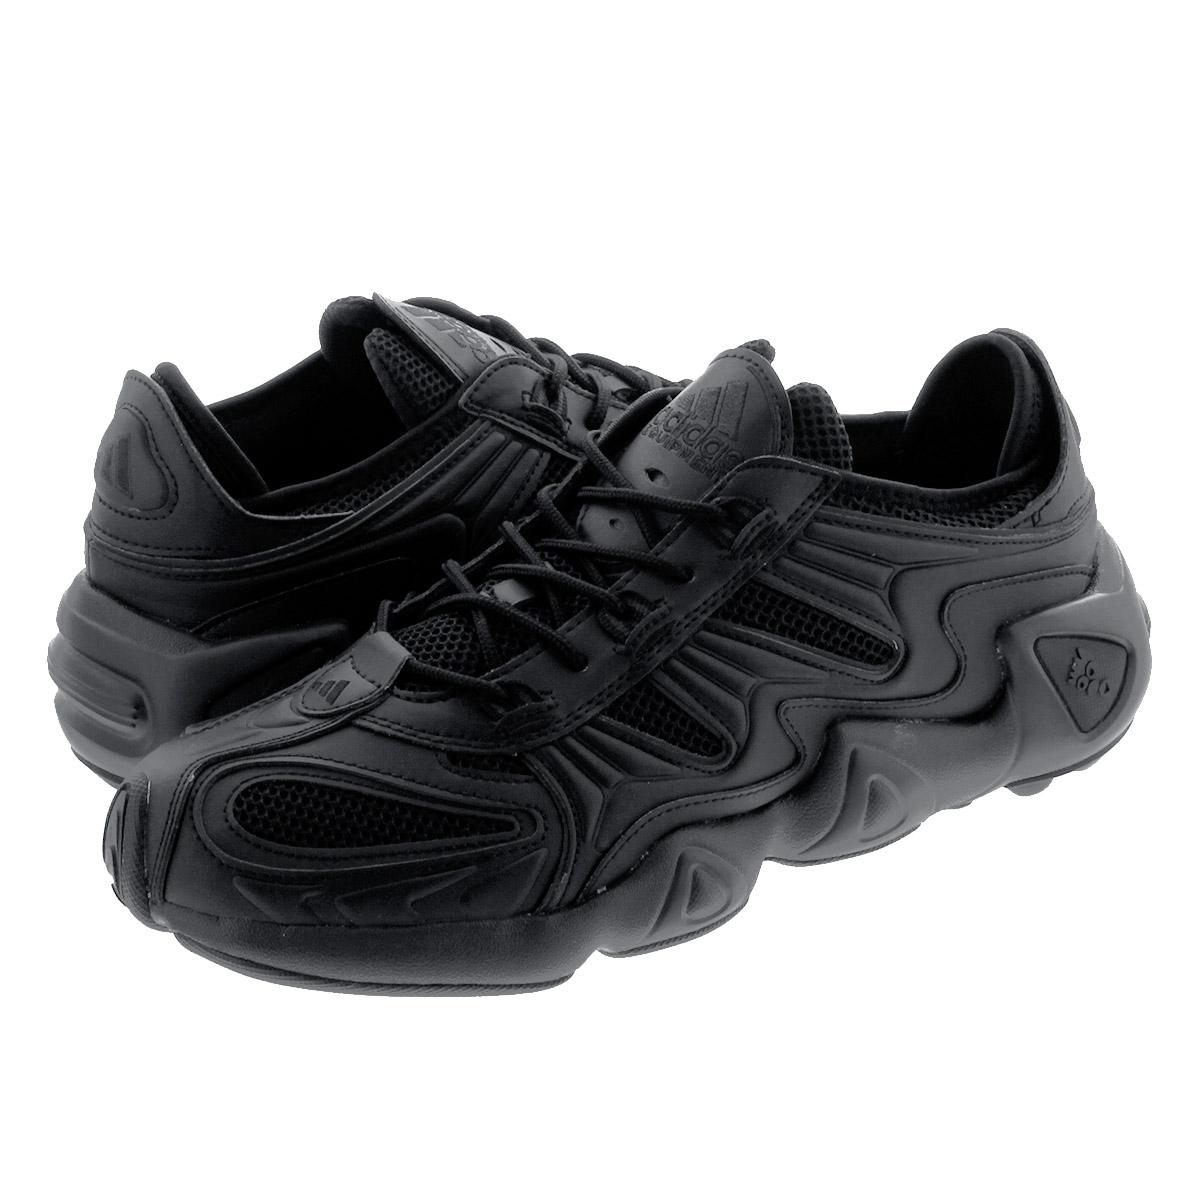 【毎日がお得!値下げプライス】 adidas FYW S-97 アディダス FYW S-97 CORE BLACK/CORE BLACK/CARBON ee5309